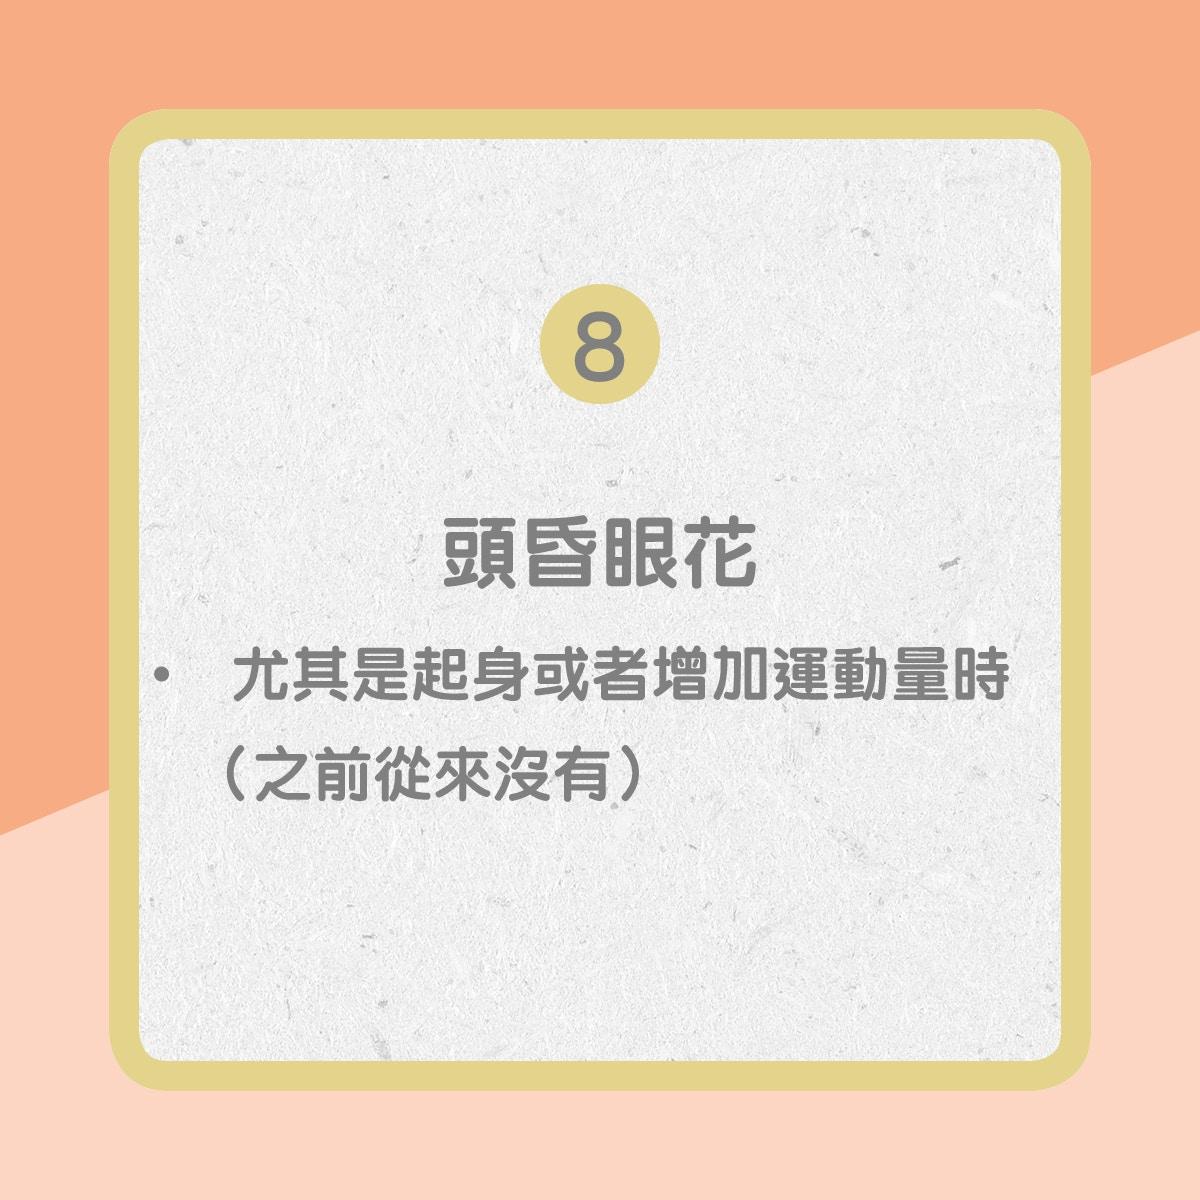 【心臟衰竭病徵】8. 頭昏眼花(01製圖)